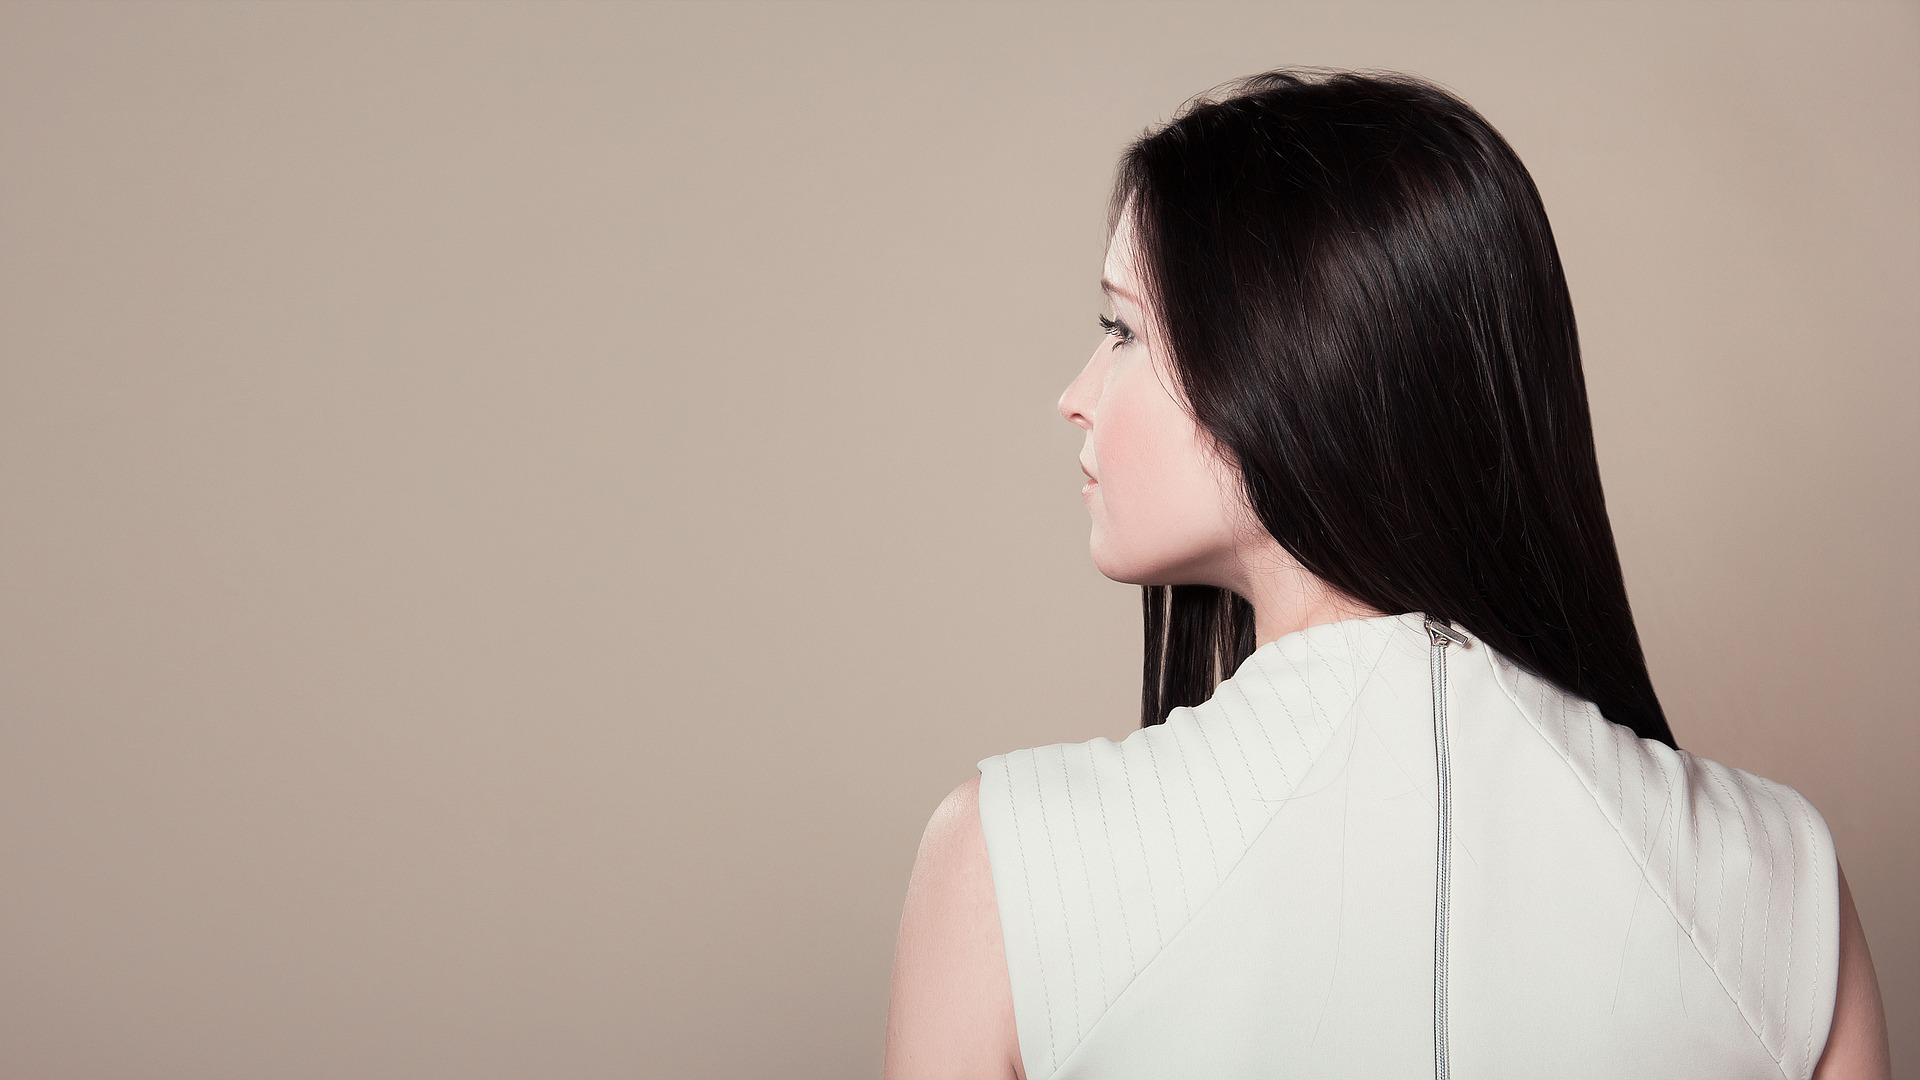 merawat_rambut_kulit_kepala